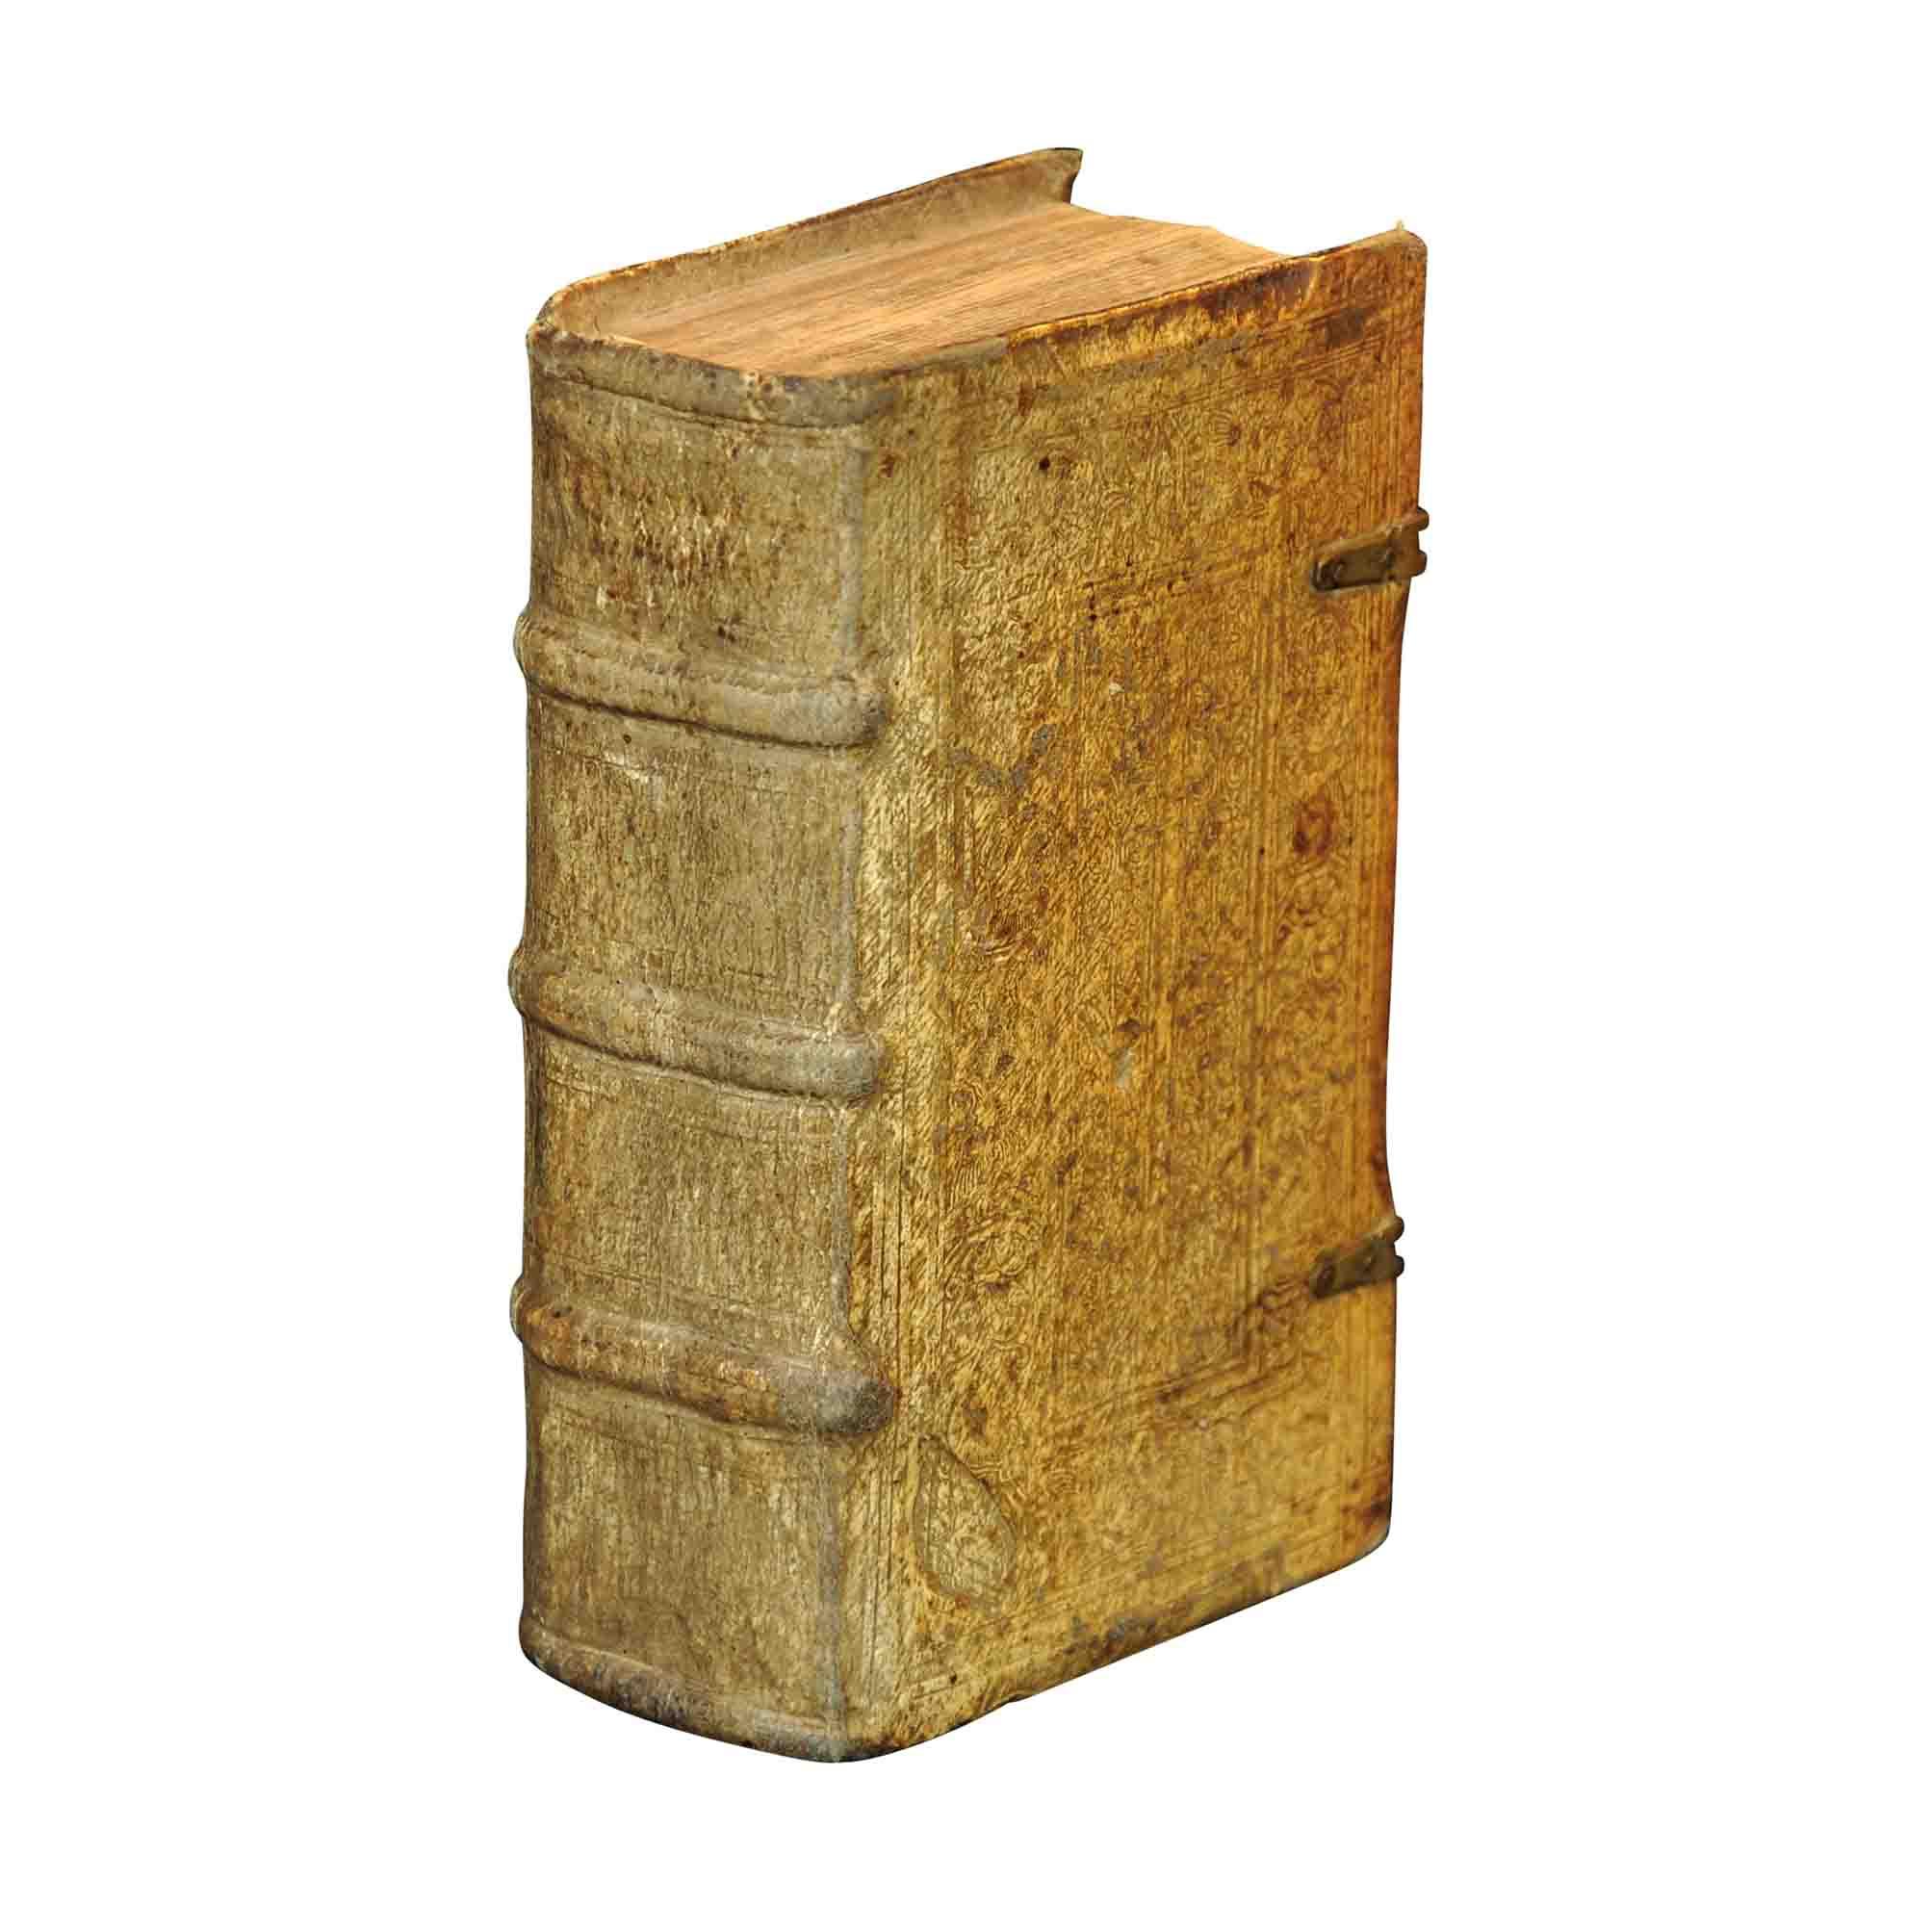 5898K-Sammelband-Reformation-Wittenberg-Mathematik-Astronomie-Musik-1538-1548-Einband-Ruecken-frei-A-N.jpg